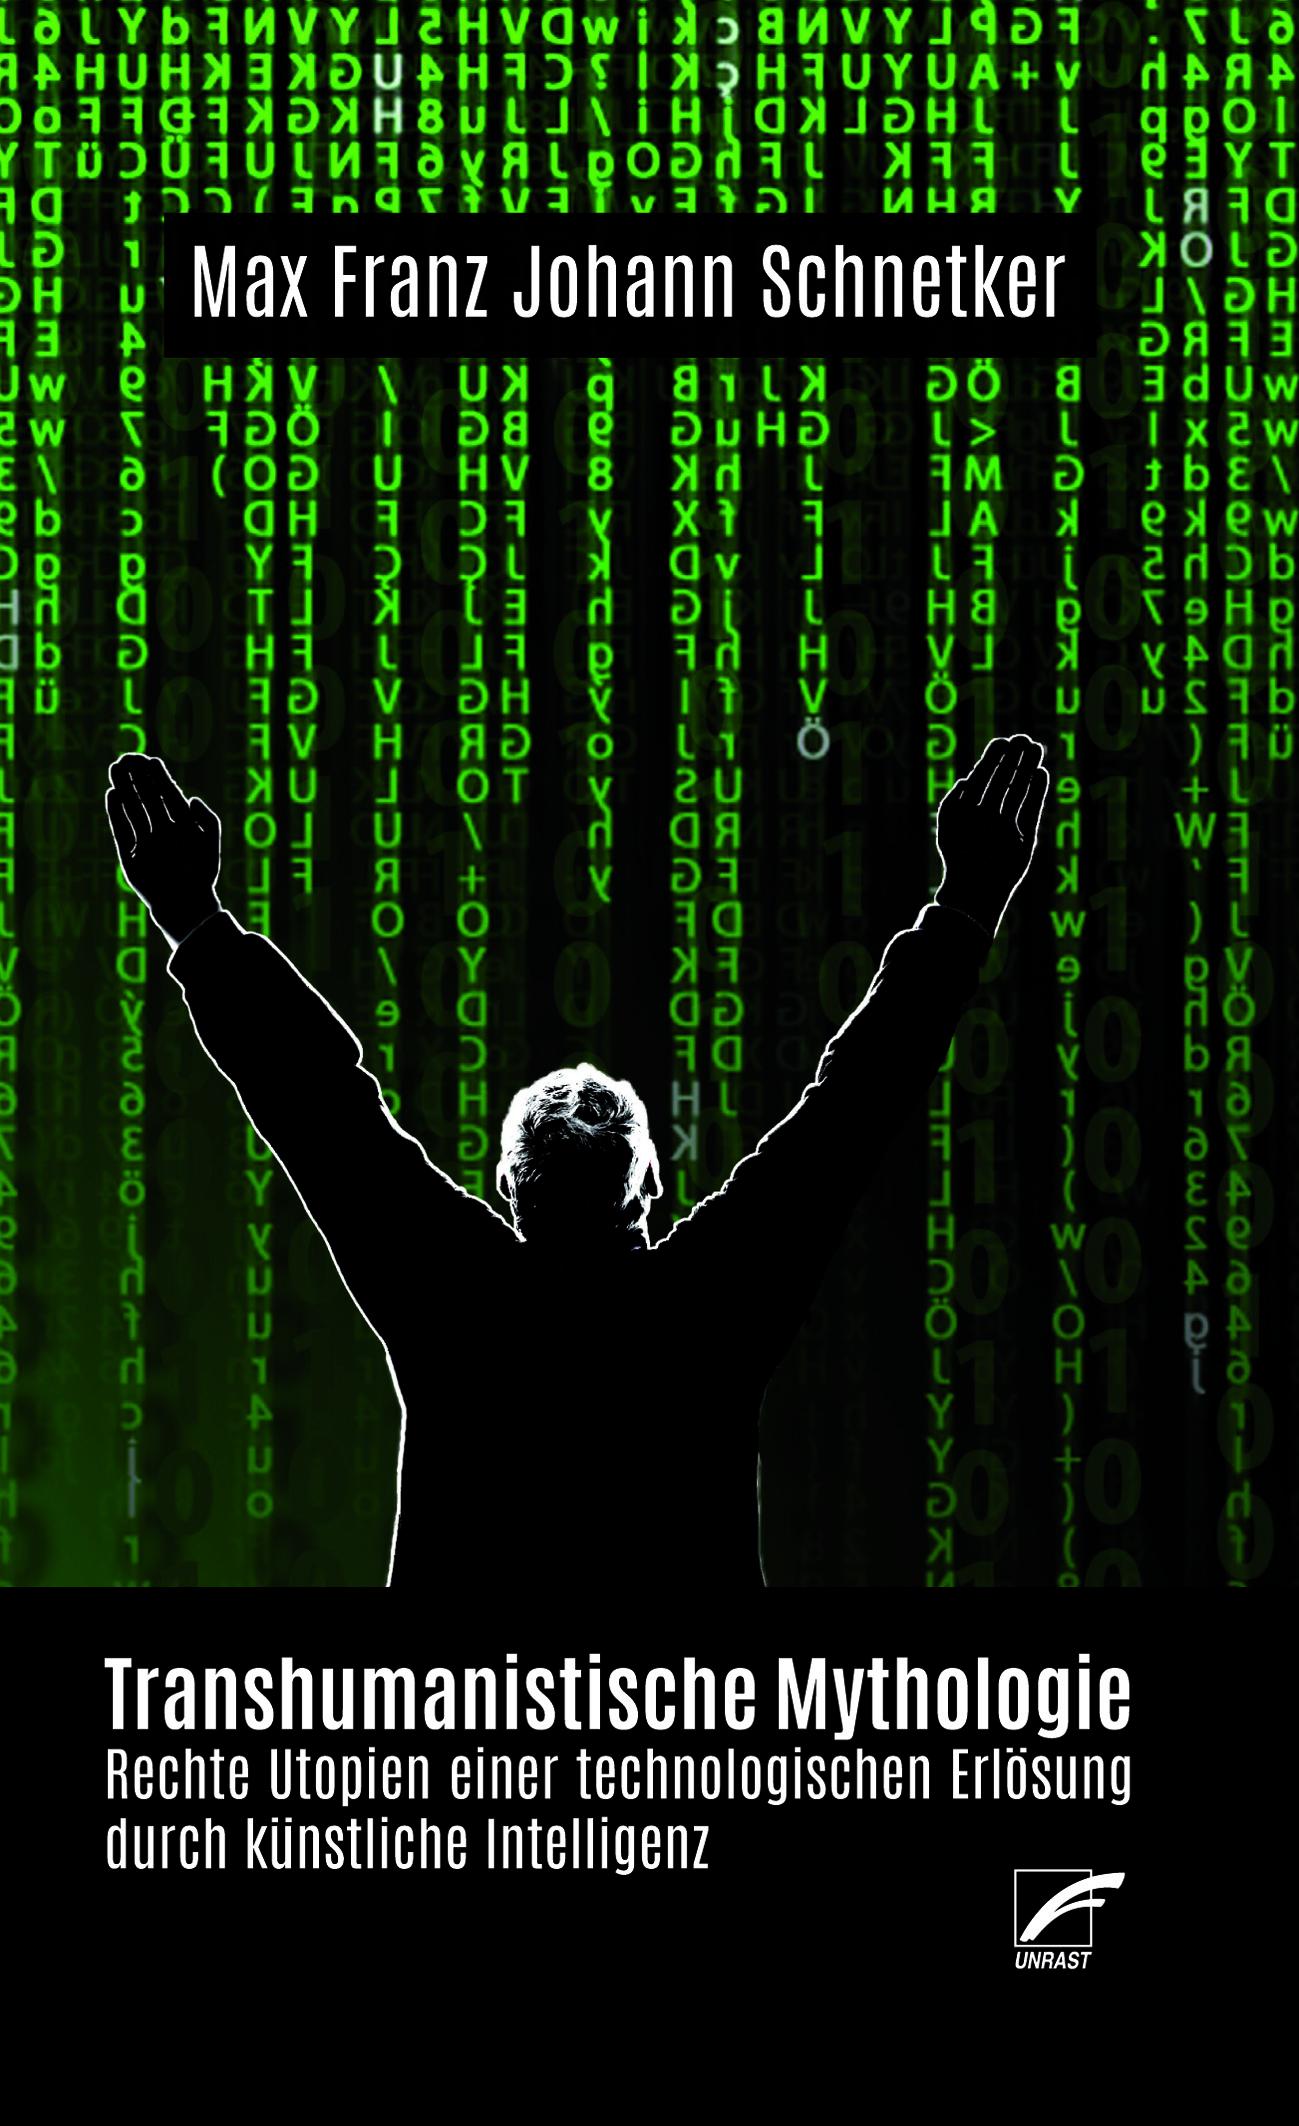 264_schnetker_transhumanistische_presse